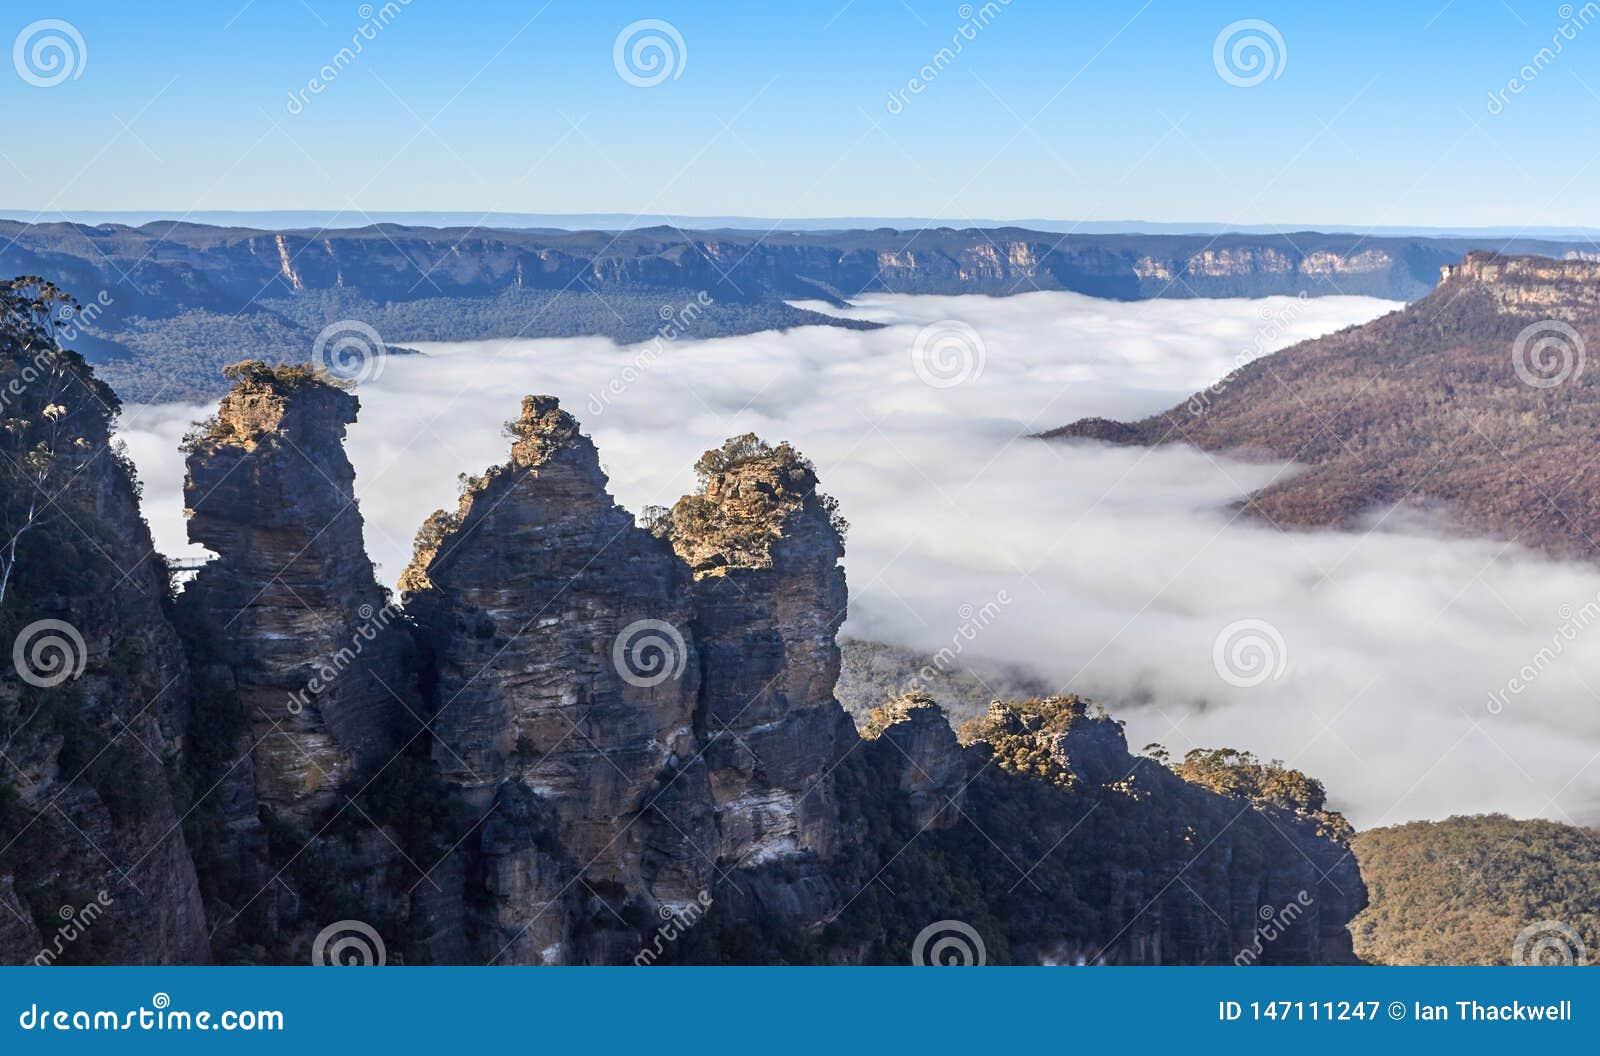 Οι τρεις αδελφές επάνω από την ομίχλη στα μπλε βουνά Αυστραλία